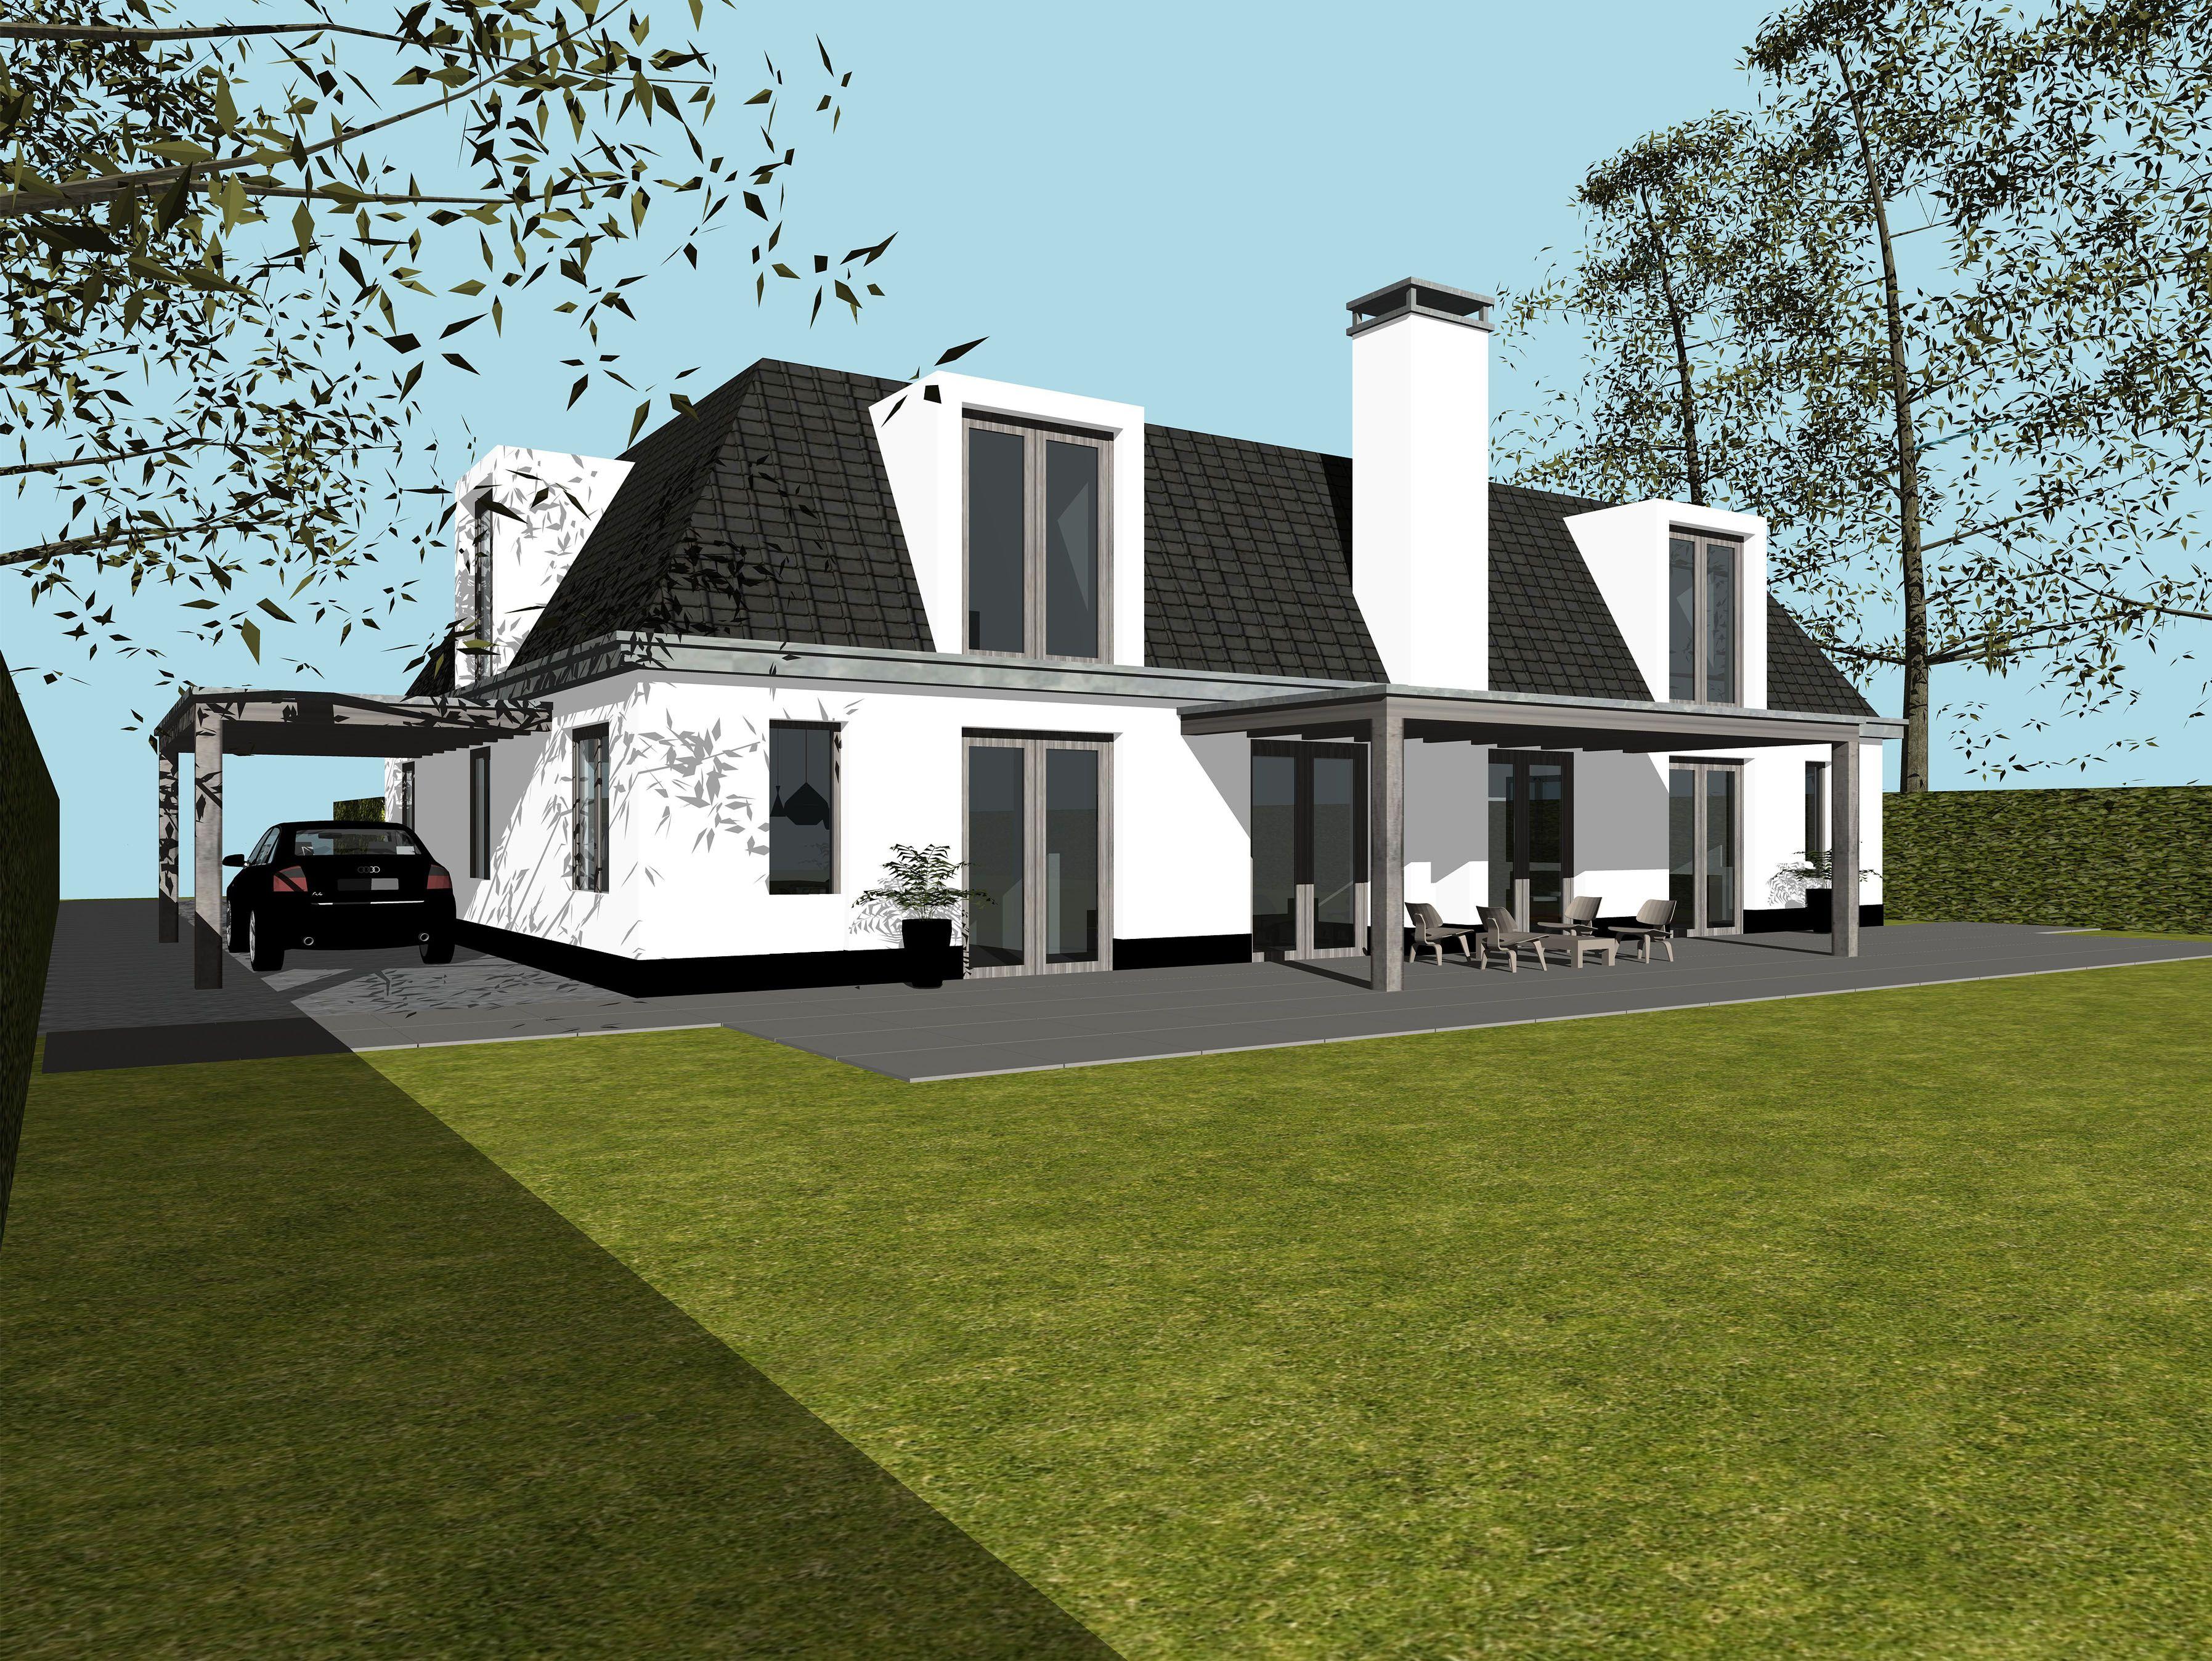 2 onder 1 kap nieuwbouw landelijke stijl google zoeken huis landelijk modern pinterest for Modern huis binnenhuisarchitectuur villas